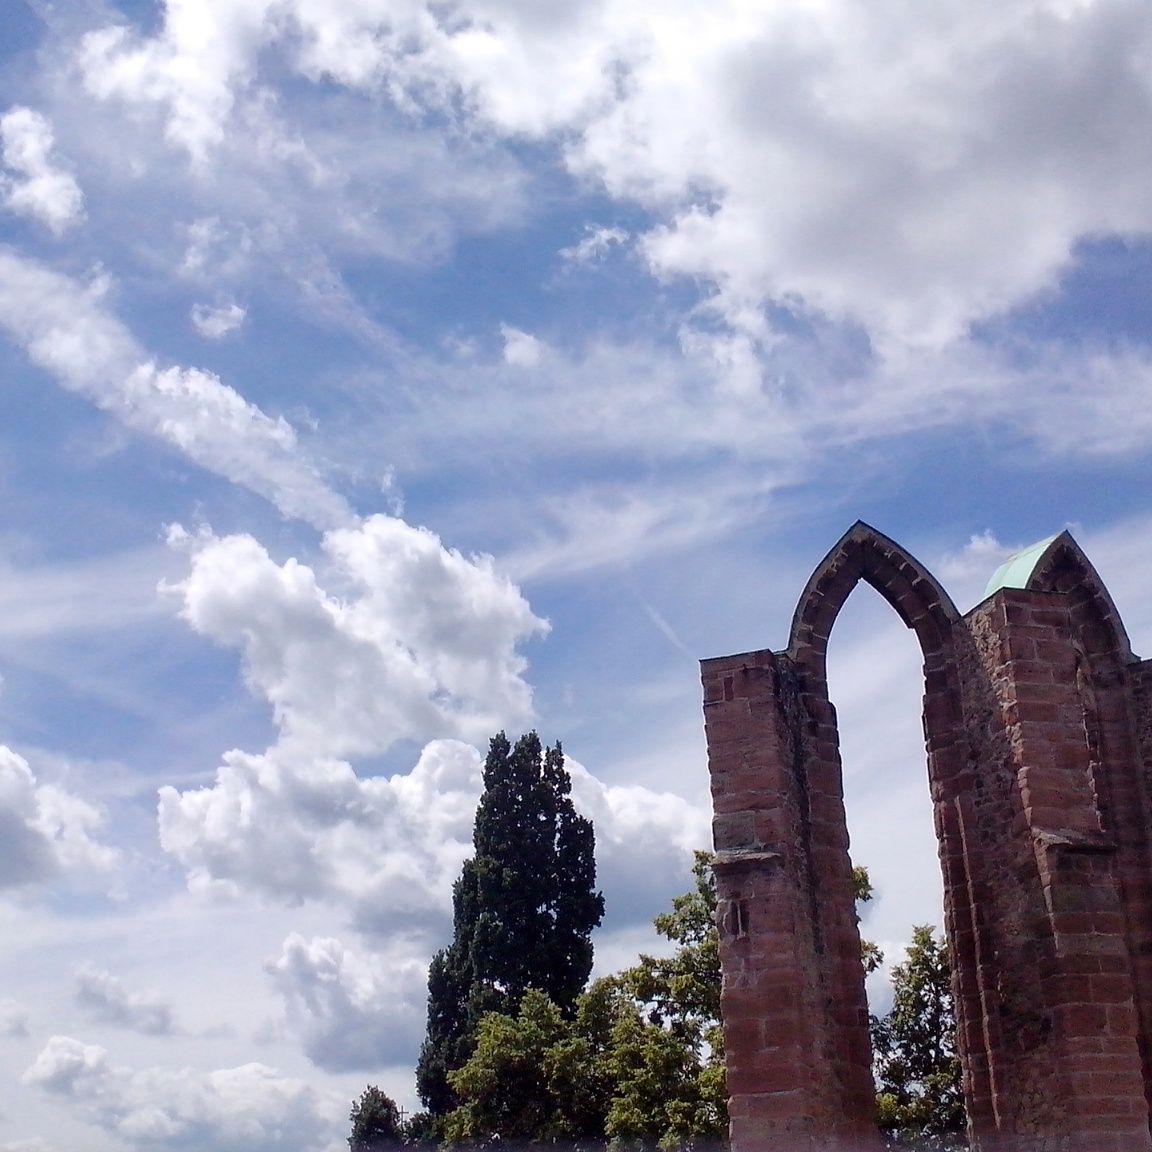 Zřícenina kláštera minoritů. Benešov. Trip, Clouds, Outdoor